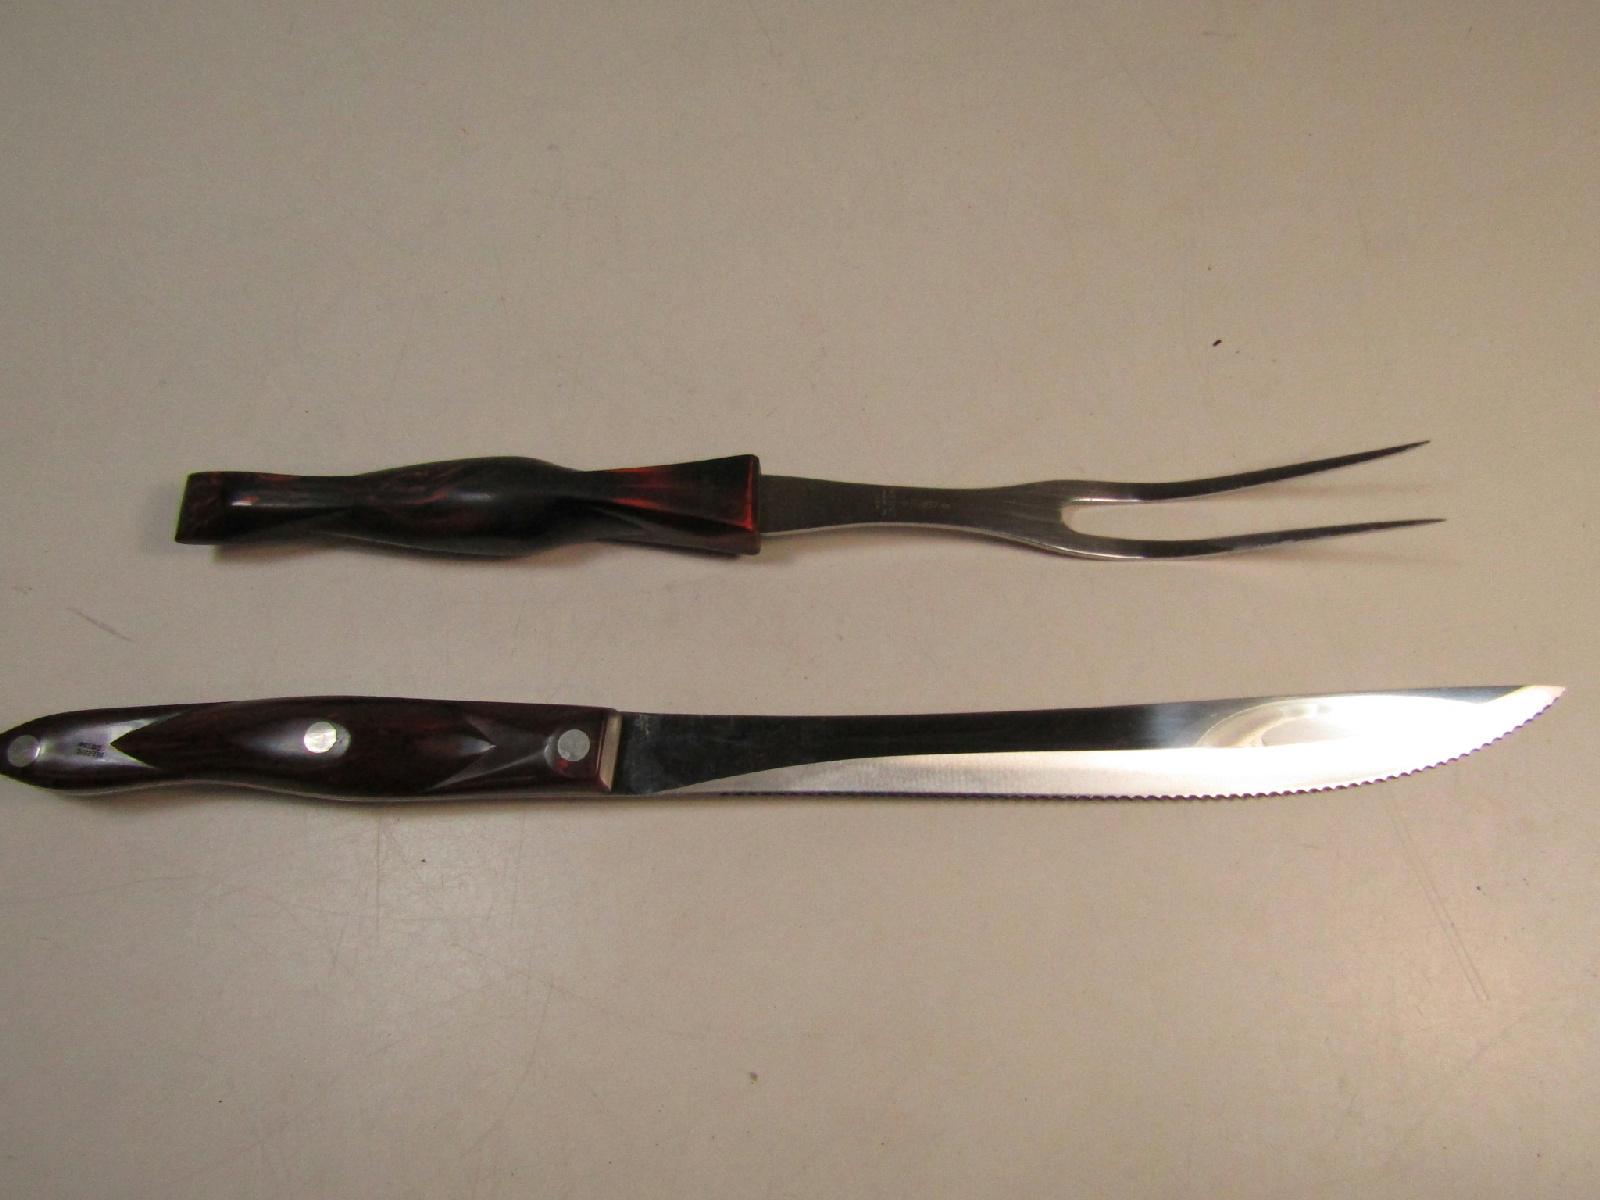 vintage cutco usa carving fork and knife set 1723 1727 ebay. Black Bedroom Furniture Sets. Home Design Ideas